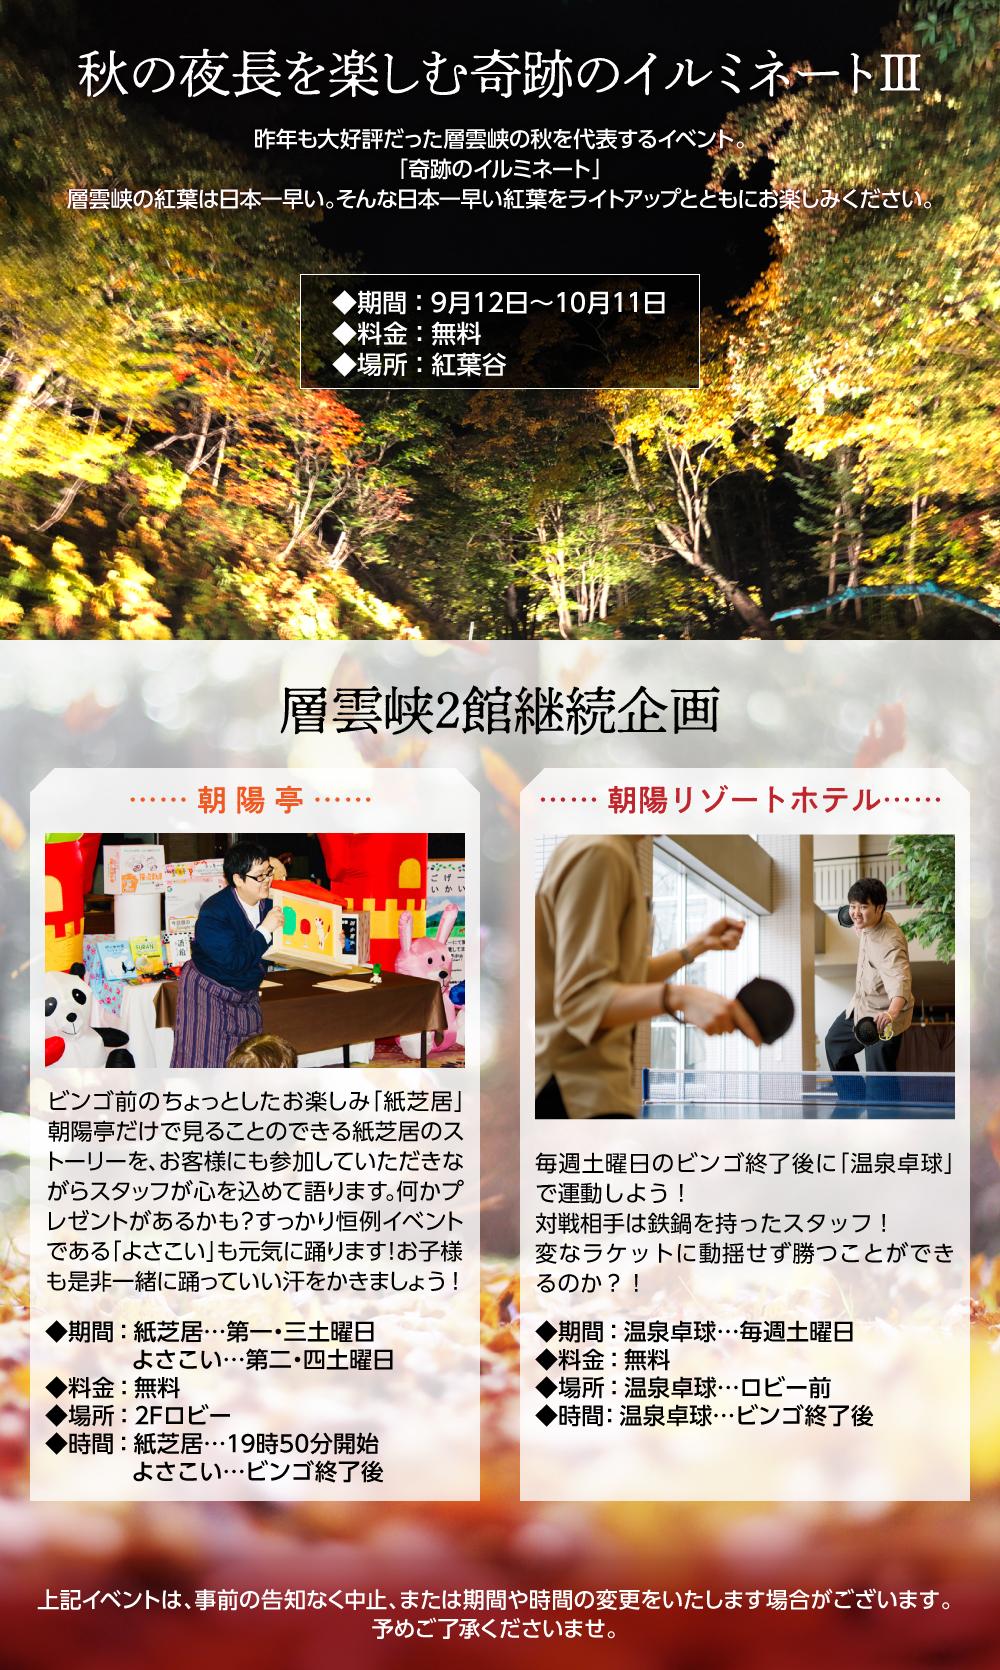 紅葉谷 奇跡のイルミネート 恒例企画 YOSAKOI 紙芝居 温泉卓球